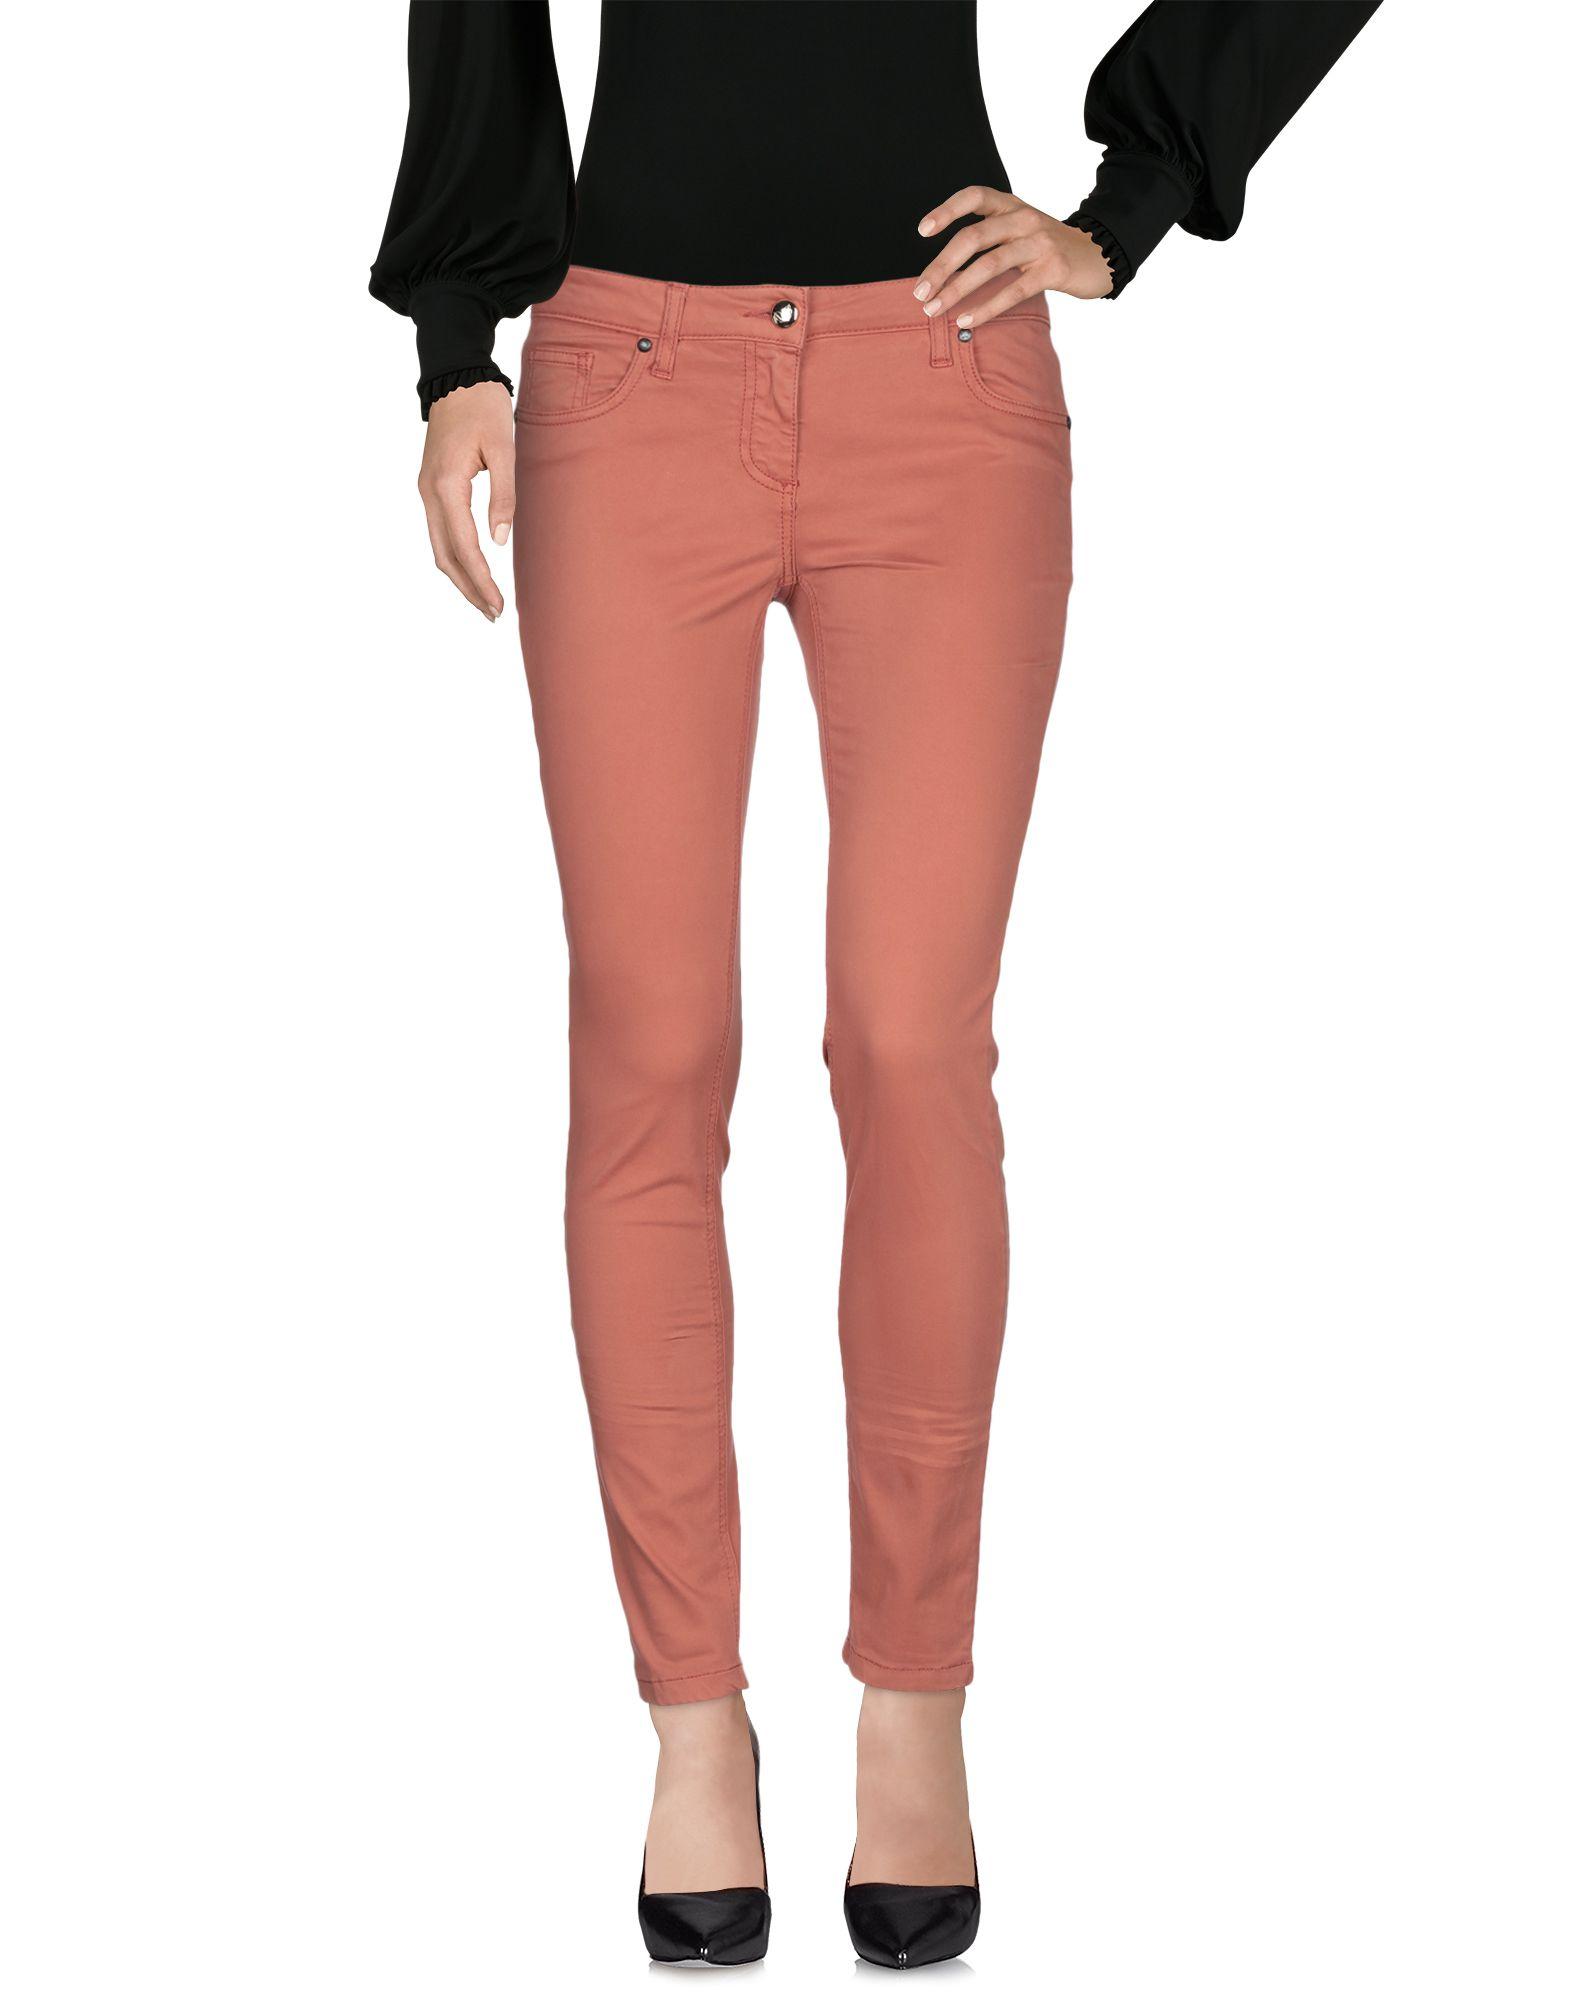 BETTY BLUE Повседневные брюки брюки узкие с пропиткой 5 карманов длина 30